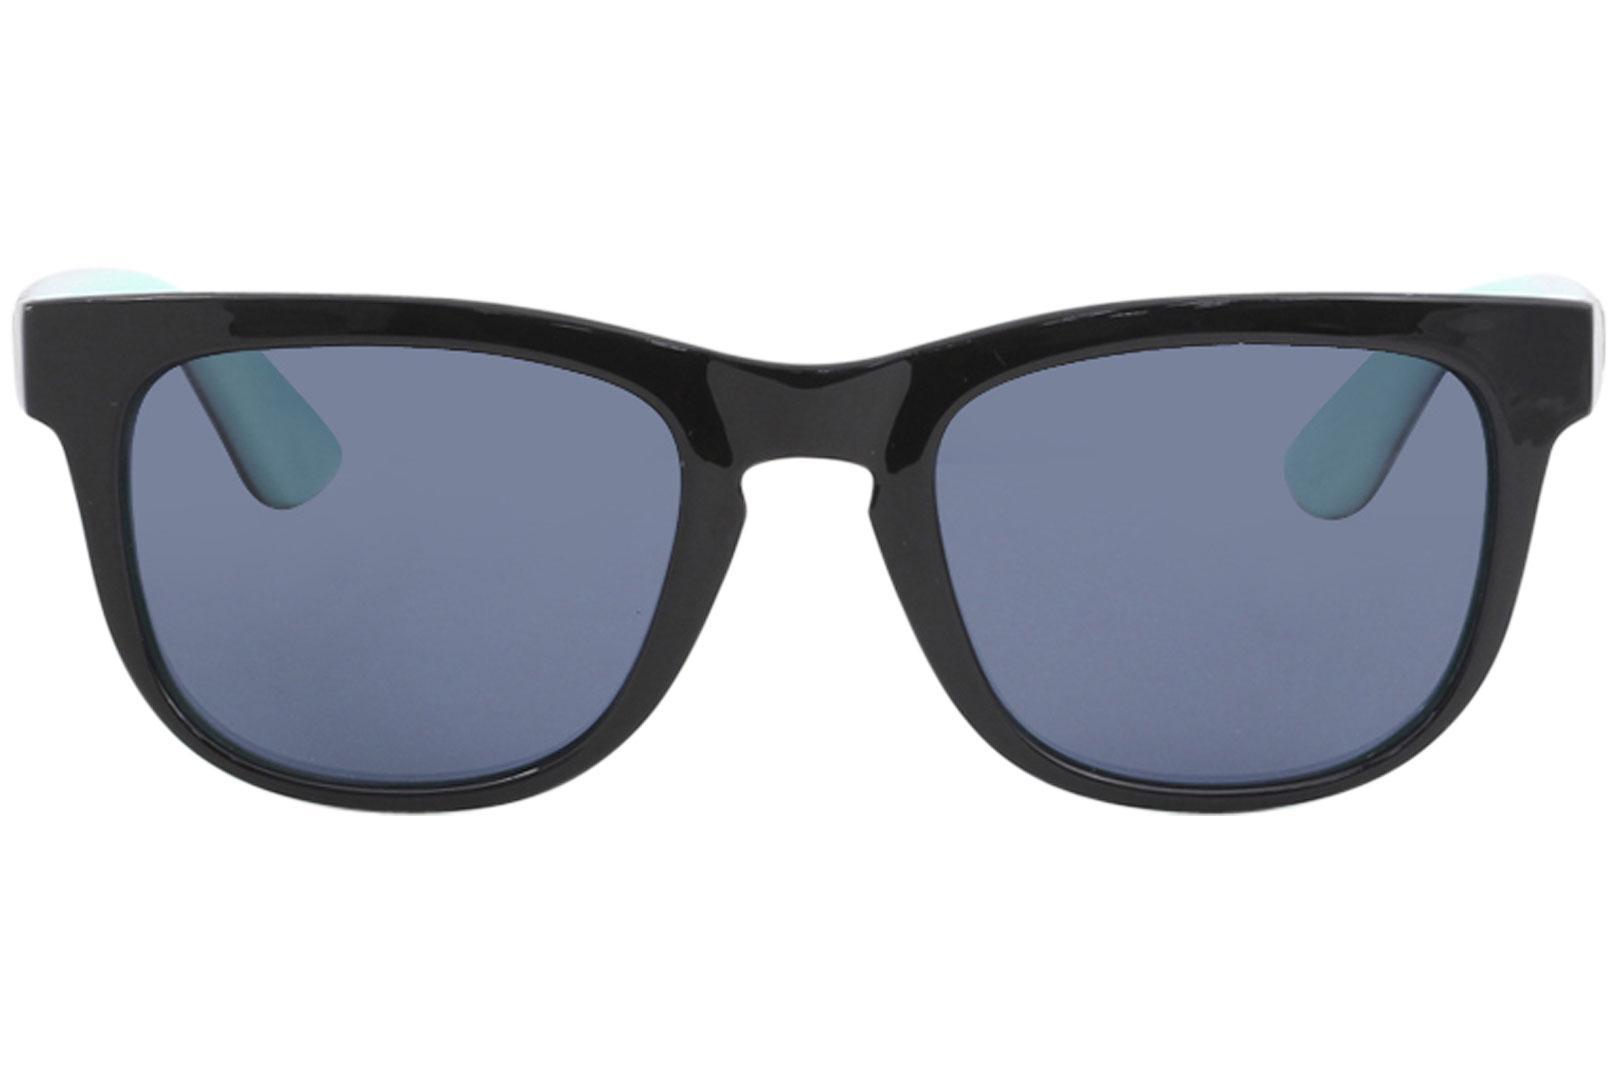 c256c1b27d8 Costa Del Mar Copra Fashion Square Polarized Sunglasses by Costa Del Mar